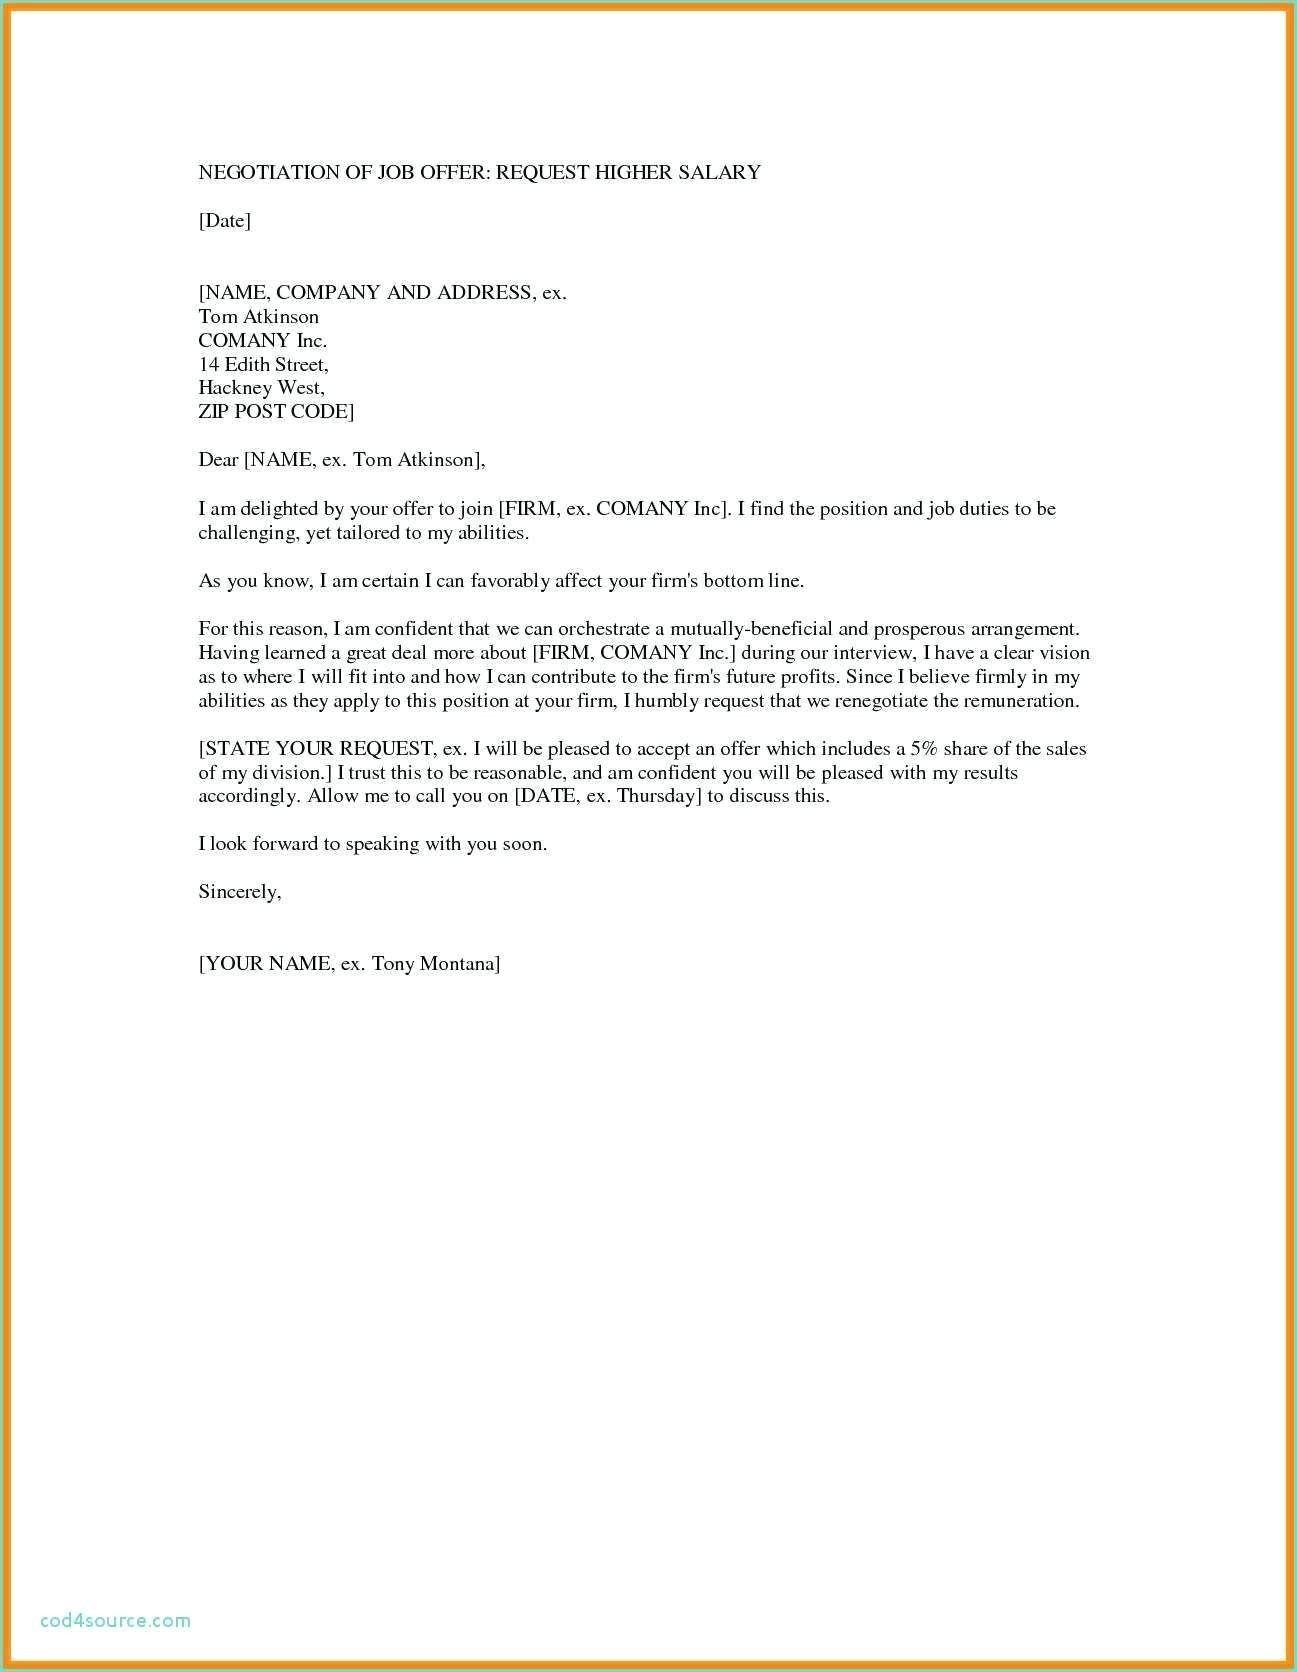 Download Fresh Negotiating Job Offer Sample Letter Lettersample Letterformat Resumesample Resumeforma Letter Templates Printable Letter Templates Lettering